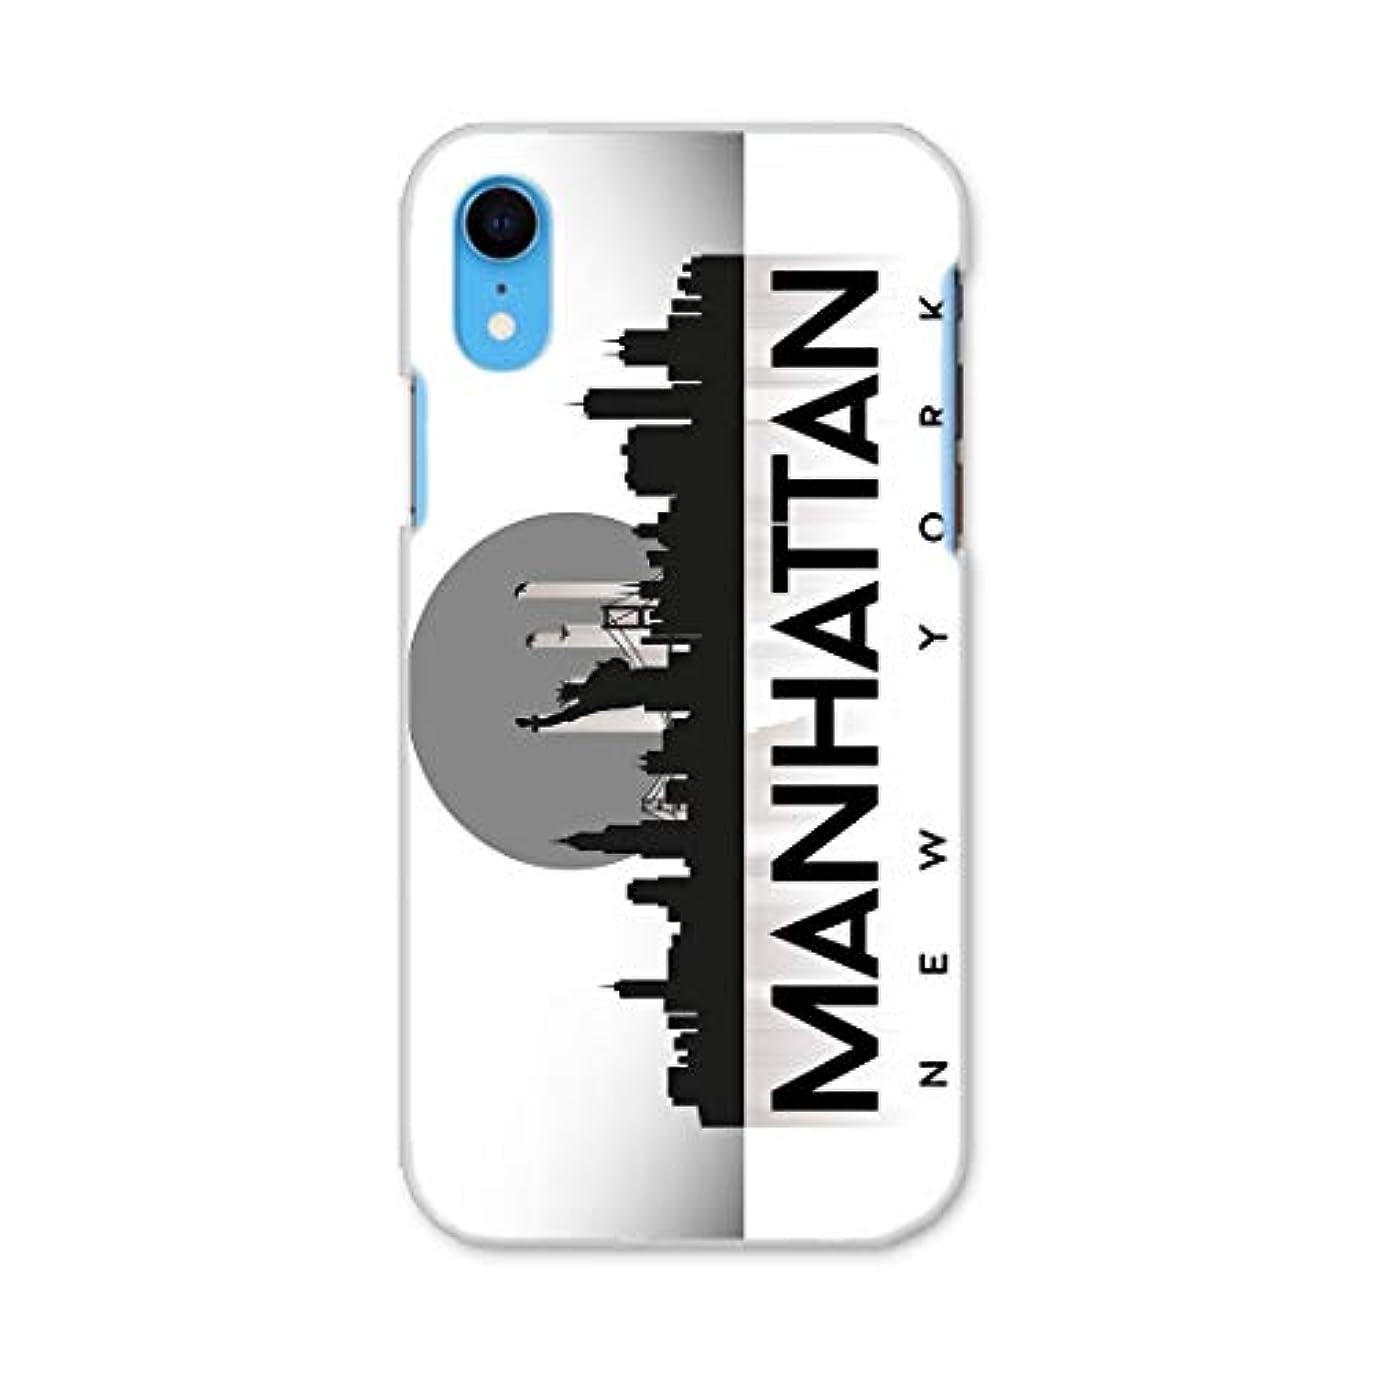 三番分岐するチラチラするigcase iPhone XR 専用ハードケース スマホカバー カバー ケース pc 014420 ニューヨーク 外国 風景